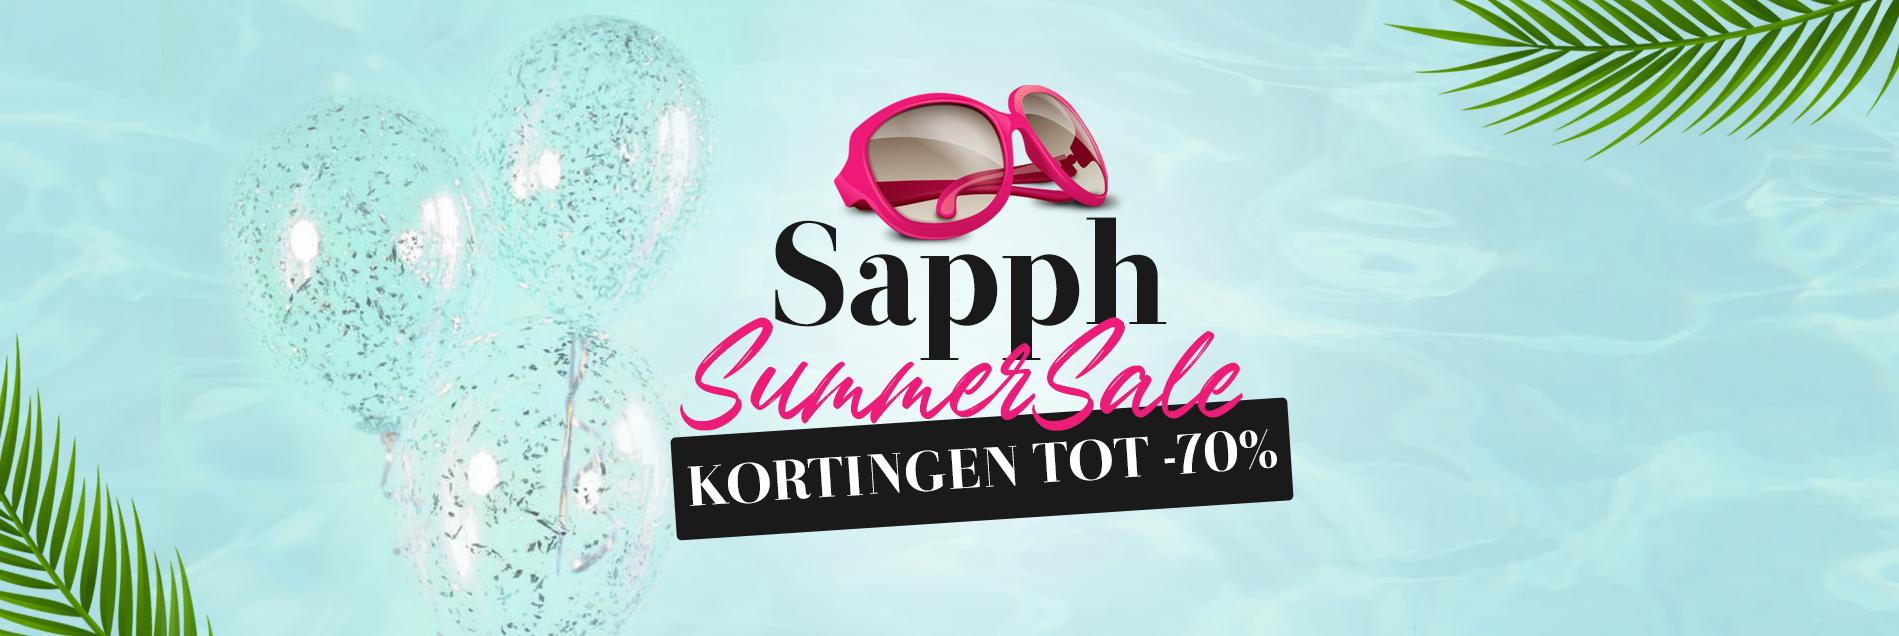 Sapph Summer Sale